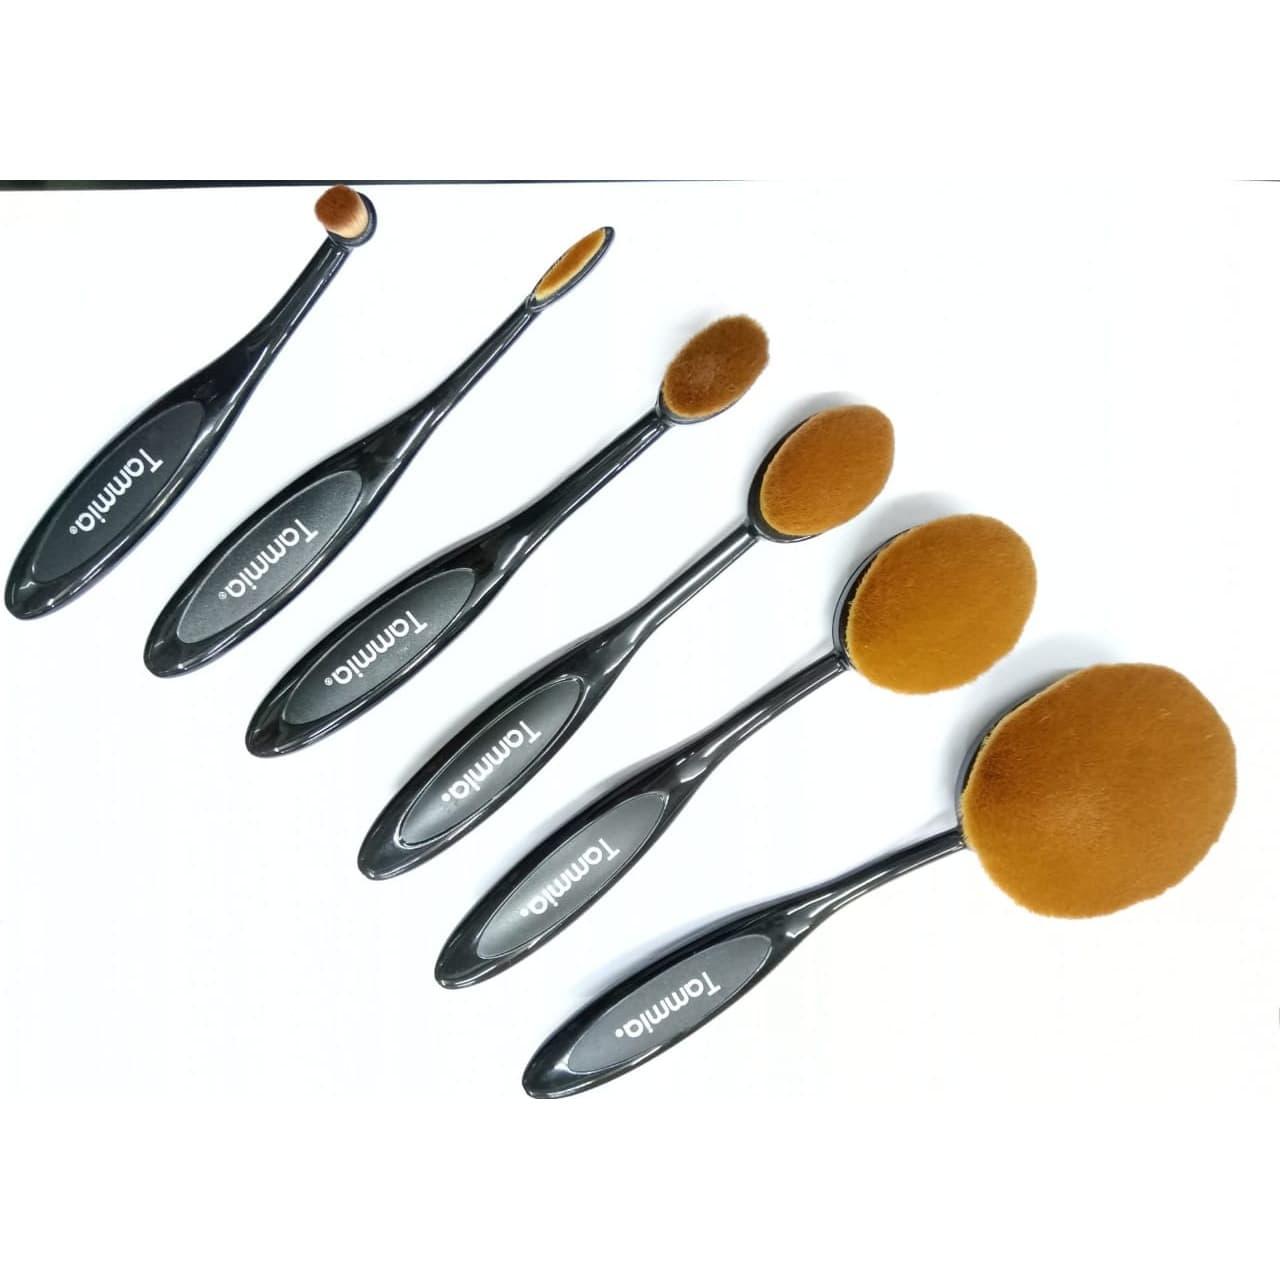 Tammia 1042B-10 velvet oval brush 2